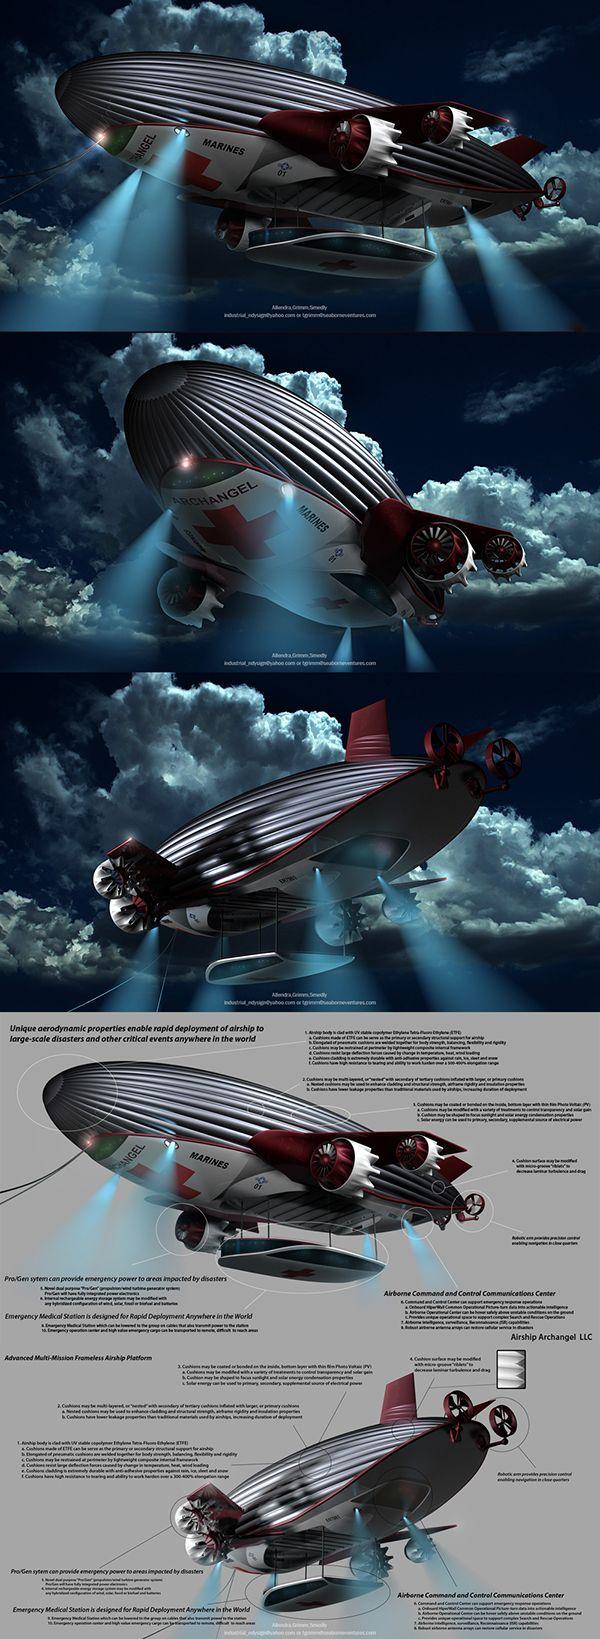 AIRSHIP ARCHANGEL on Behance Airship, Steampunk airship